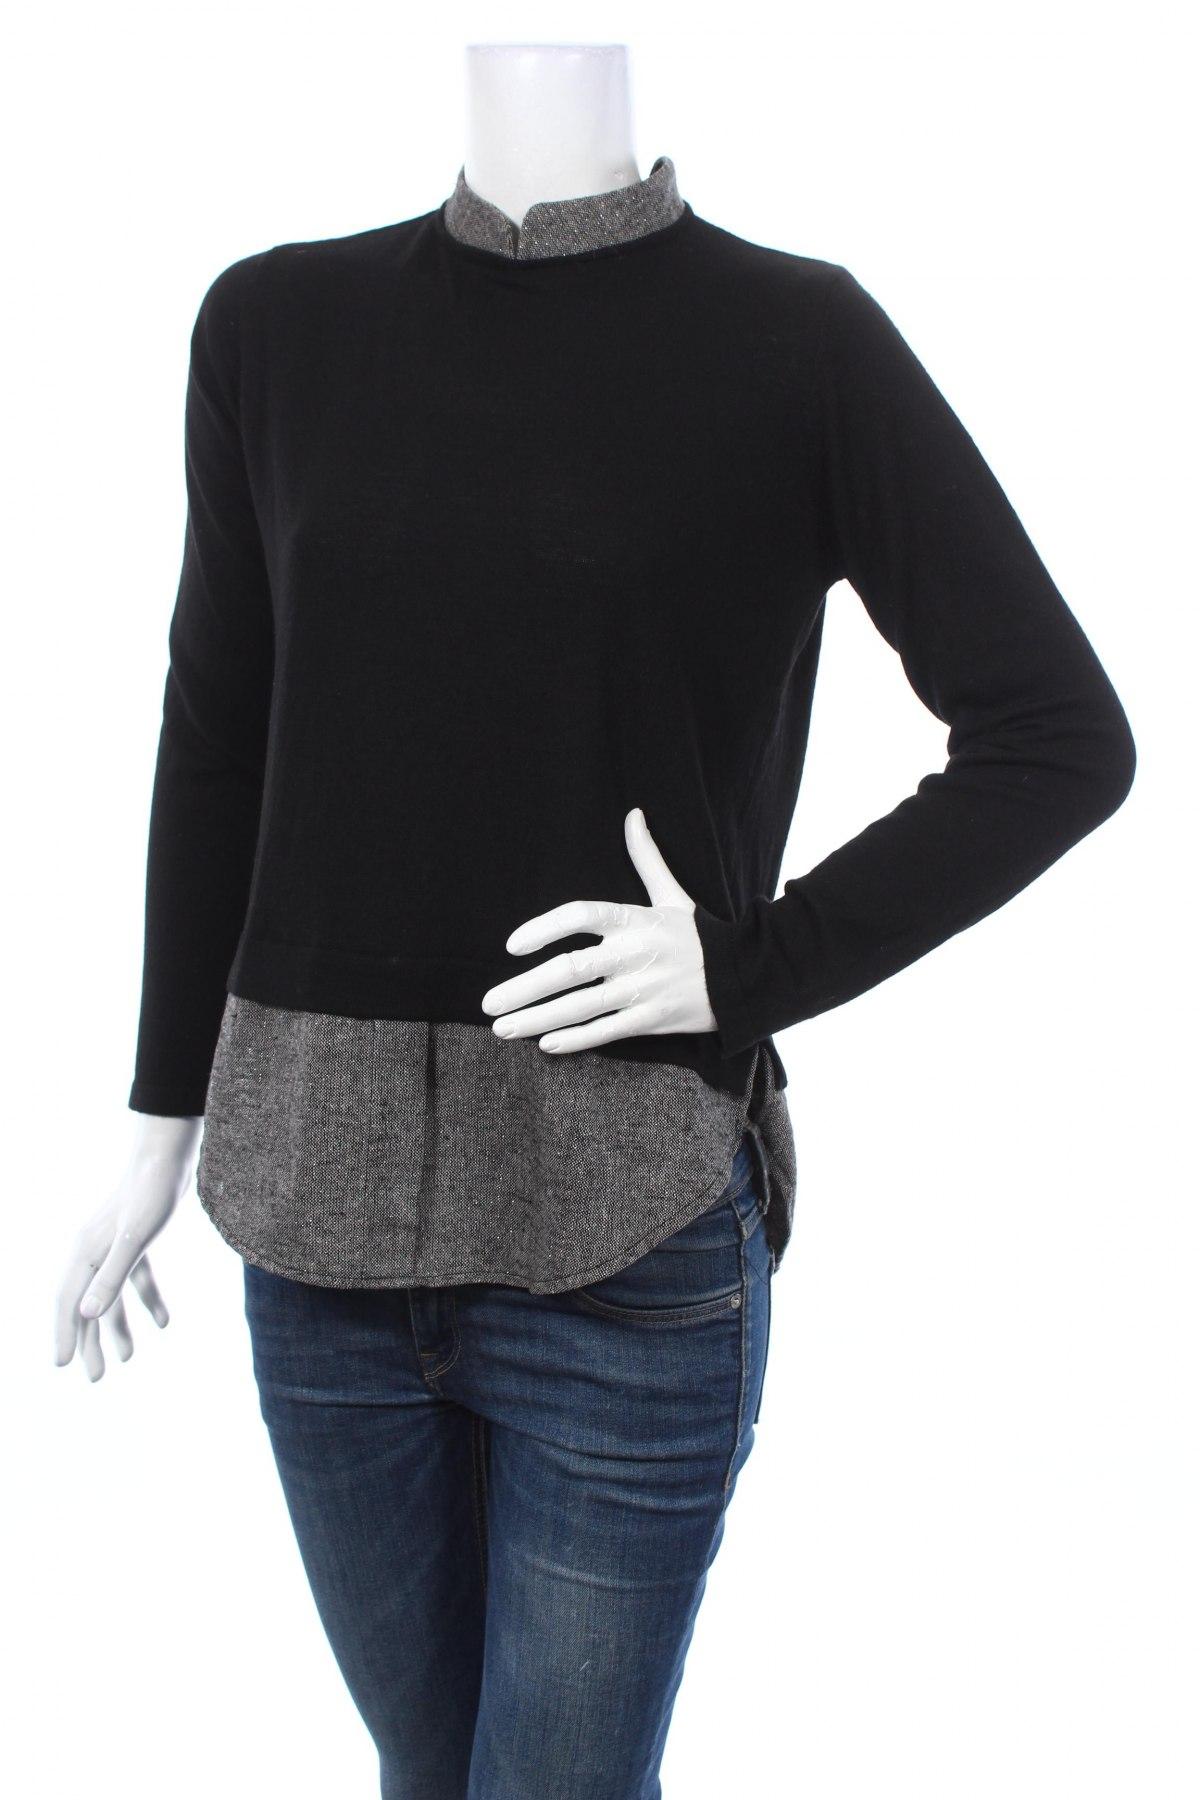 698c3ffc053 Дамски дрехи - болеро и пончо, елеци, жилетки, кожени якета, палта, якета,  пуловери - Дрехи втора употреба - Remix